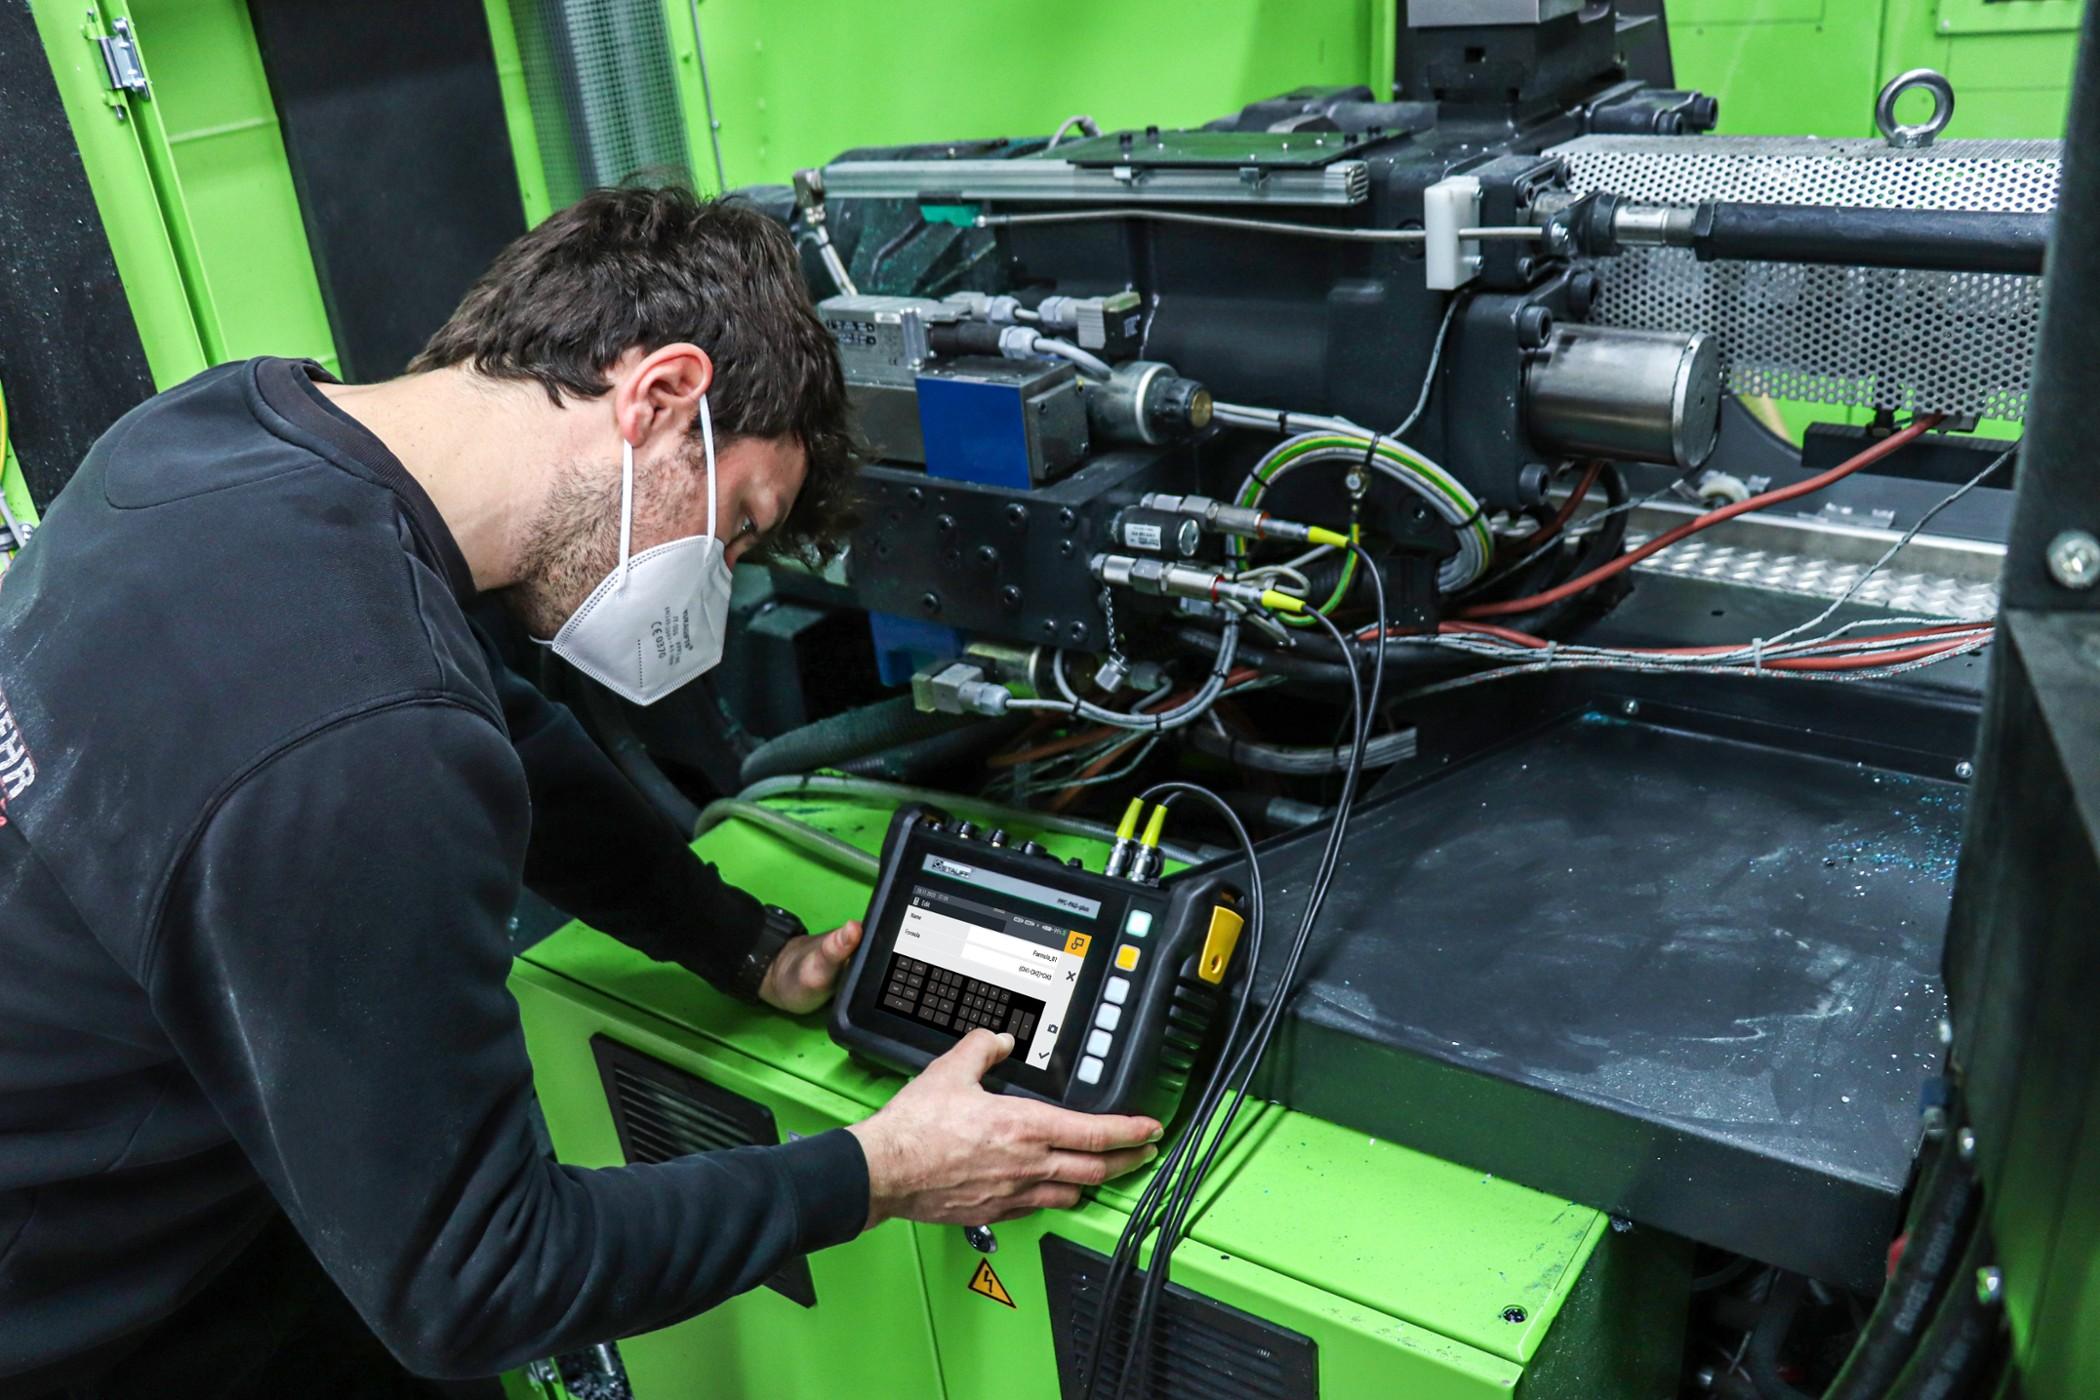 Wartung einer Spritzgießmaschine in der Industriehydraulik